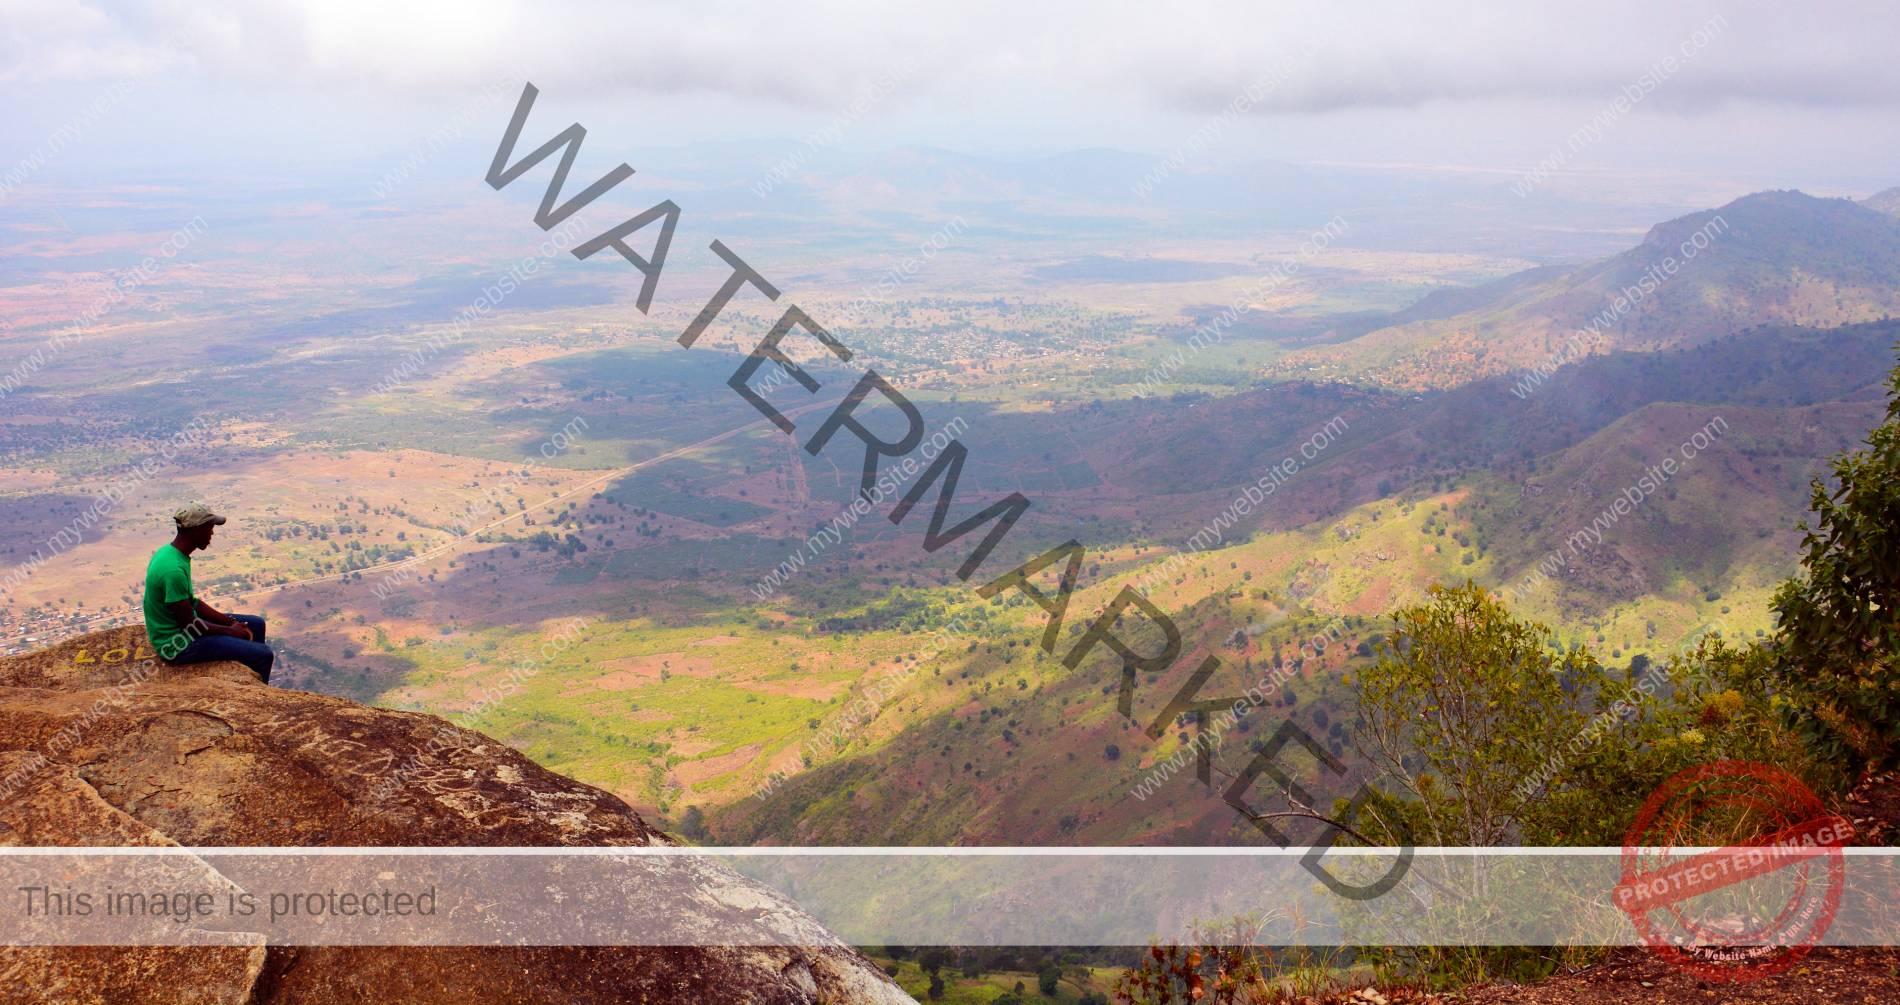 Usambara Mountain